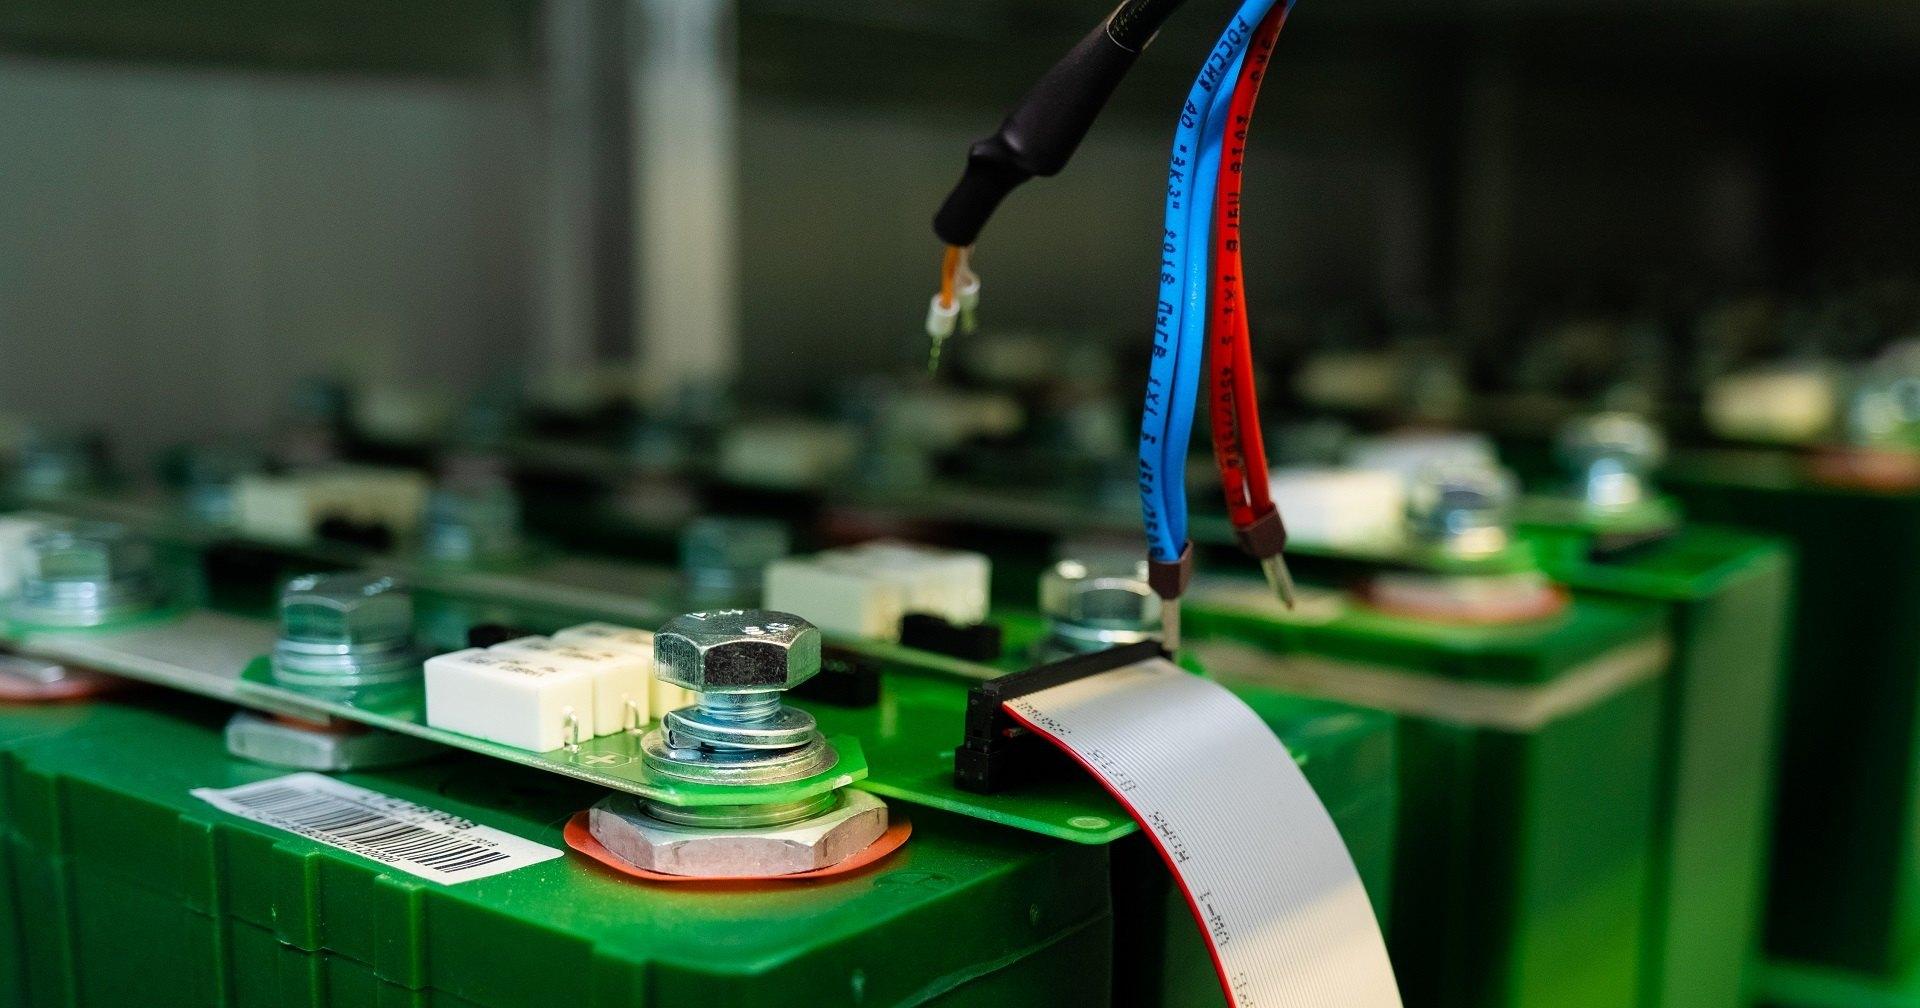 Жизнь литий-ионных батарей постараются продлить